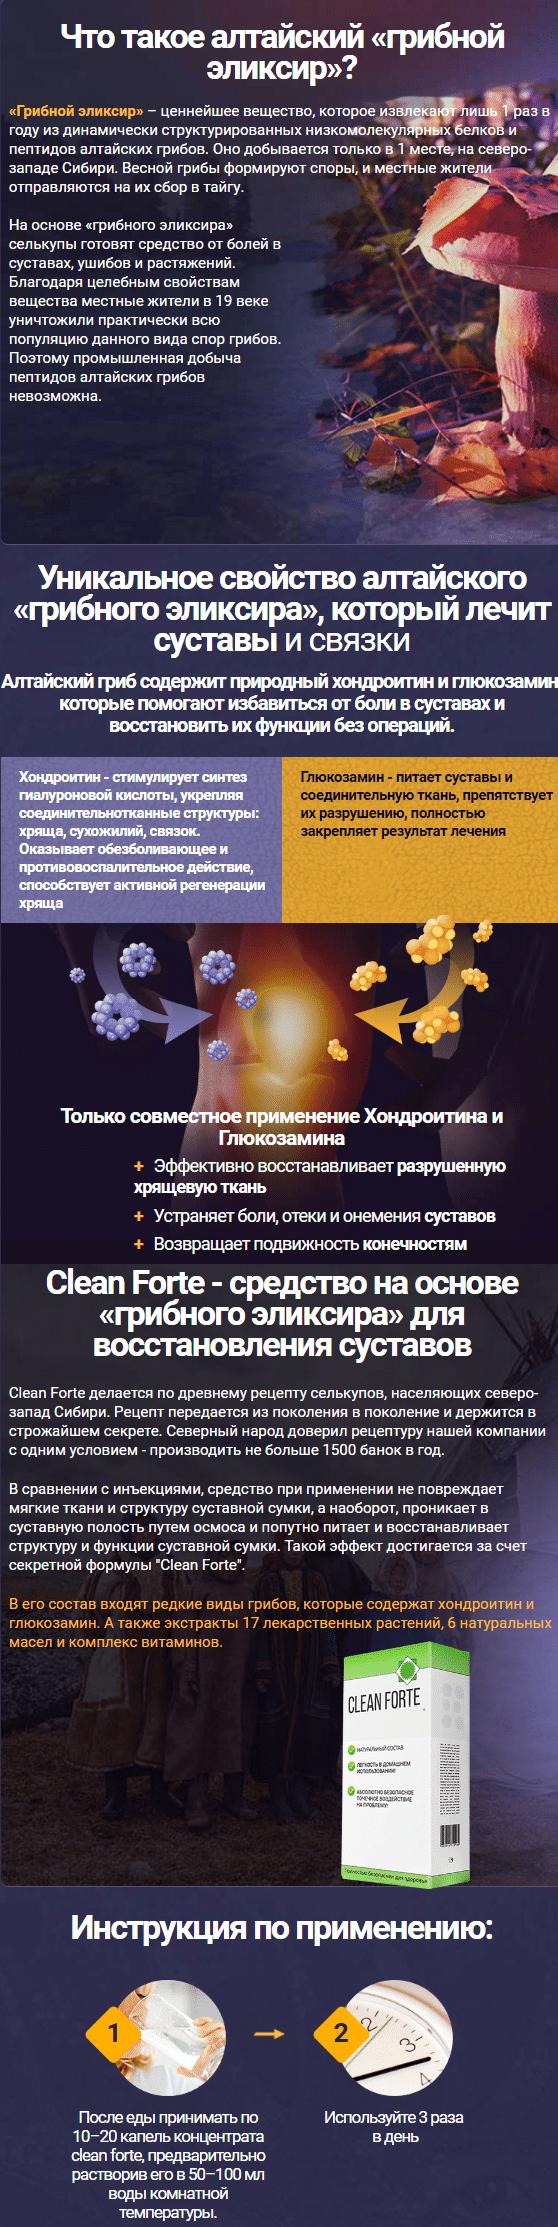 Clean Forte (Клин Форте) средство для восстановления суставов купить